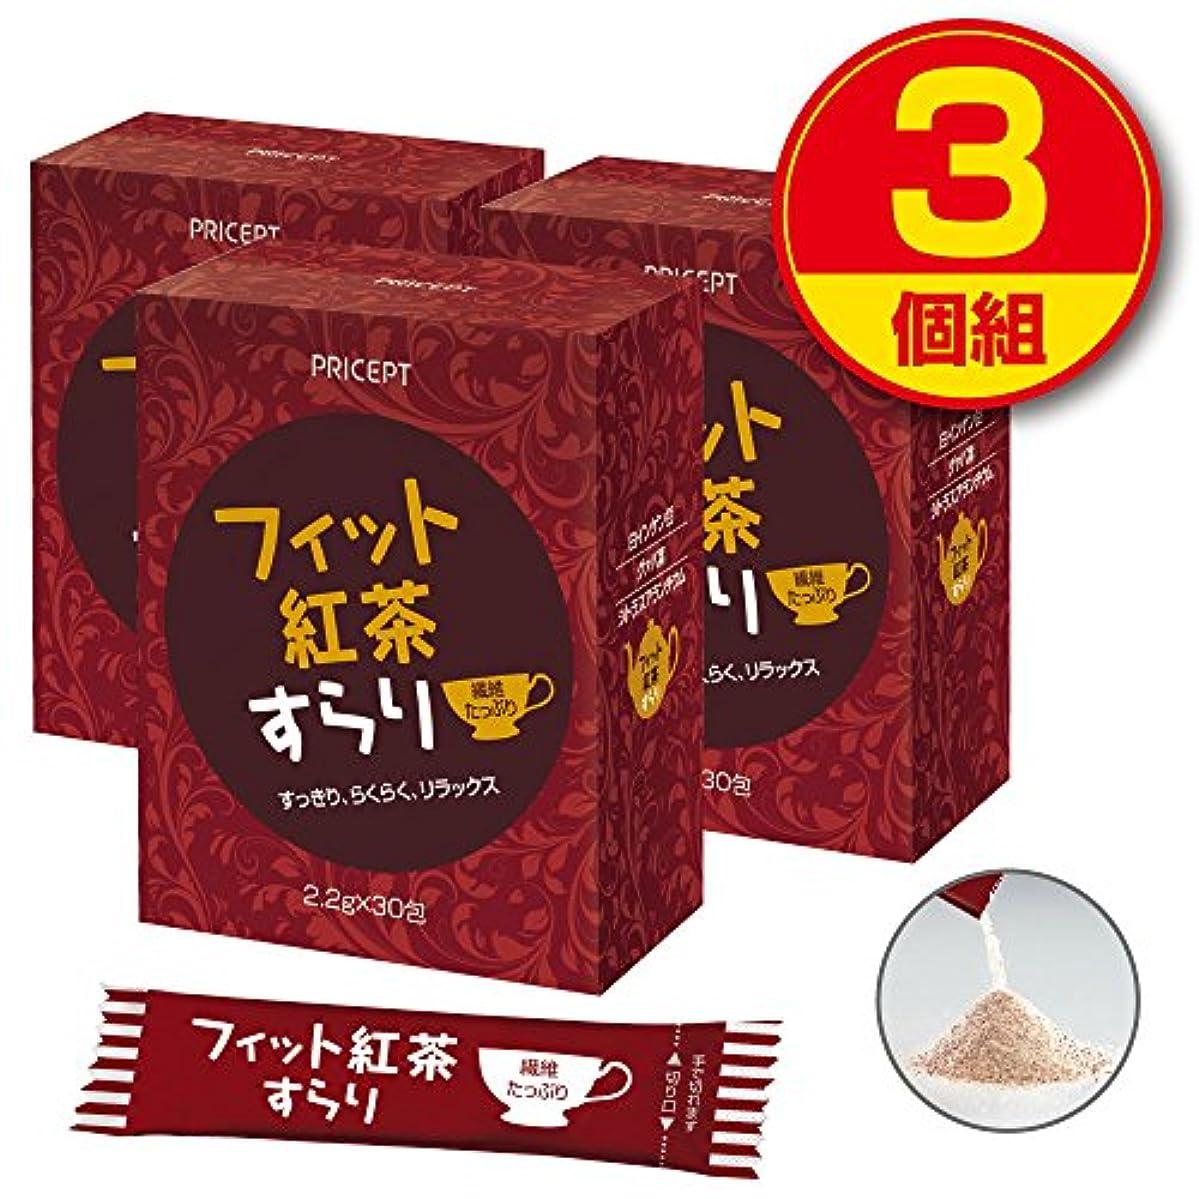 数学的な肥沃な山積みのプリセプト フィット紅茶すらり(30包)【3個組?90包】(食物繊維配合ダイエットサポート紅茶)